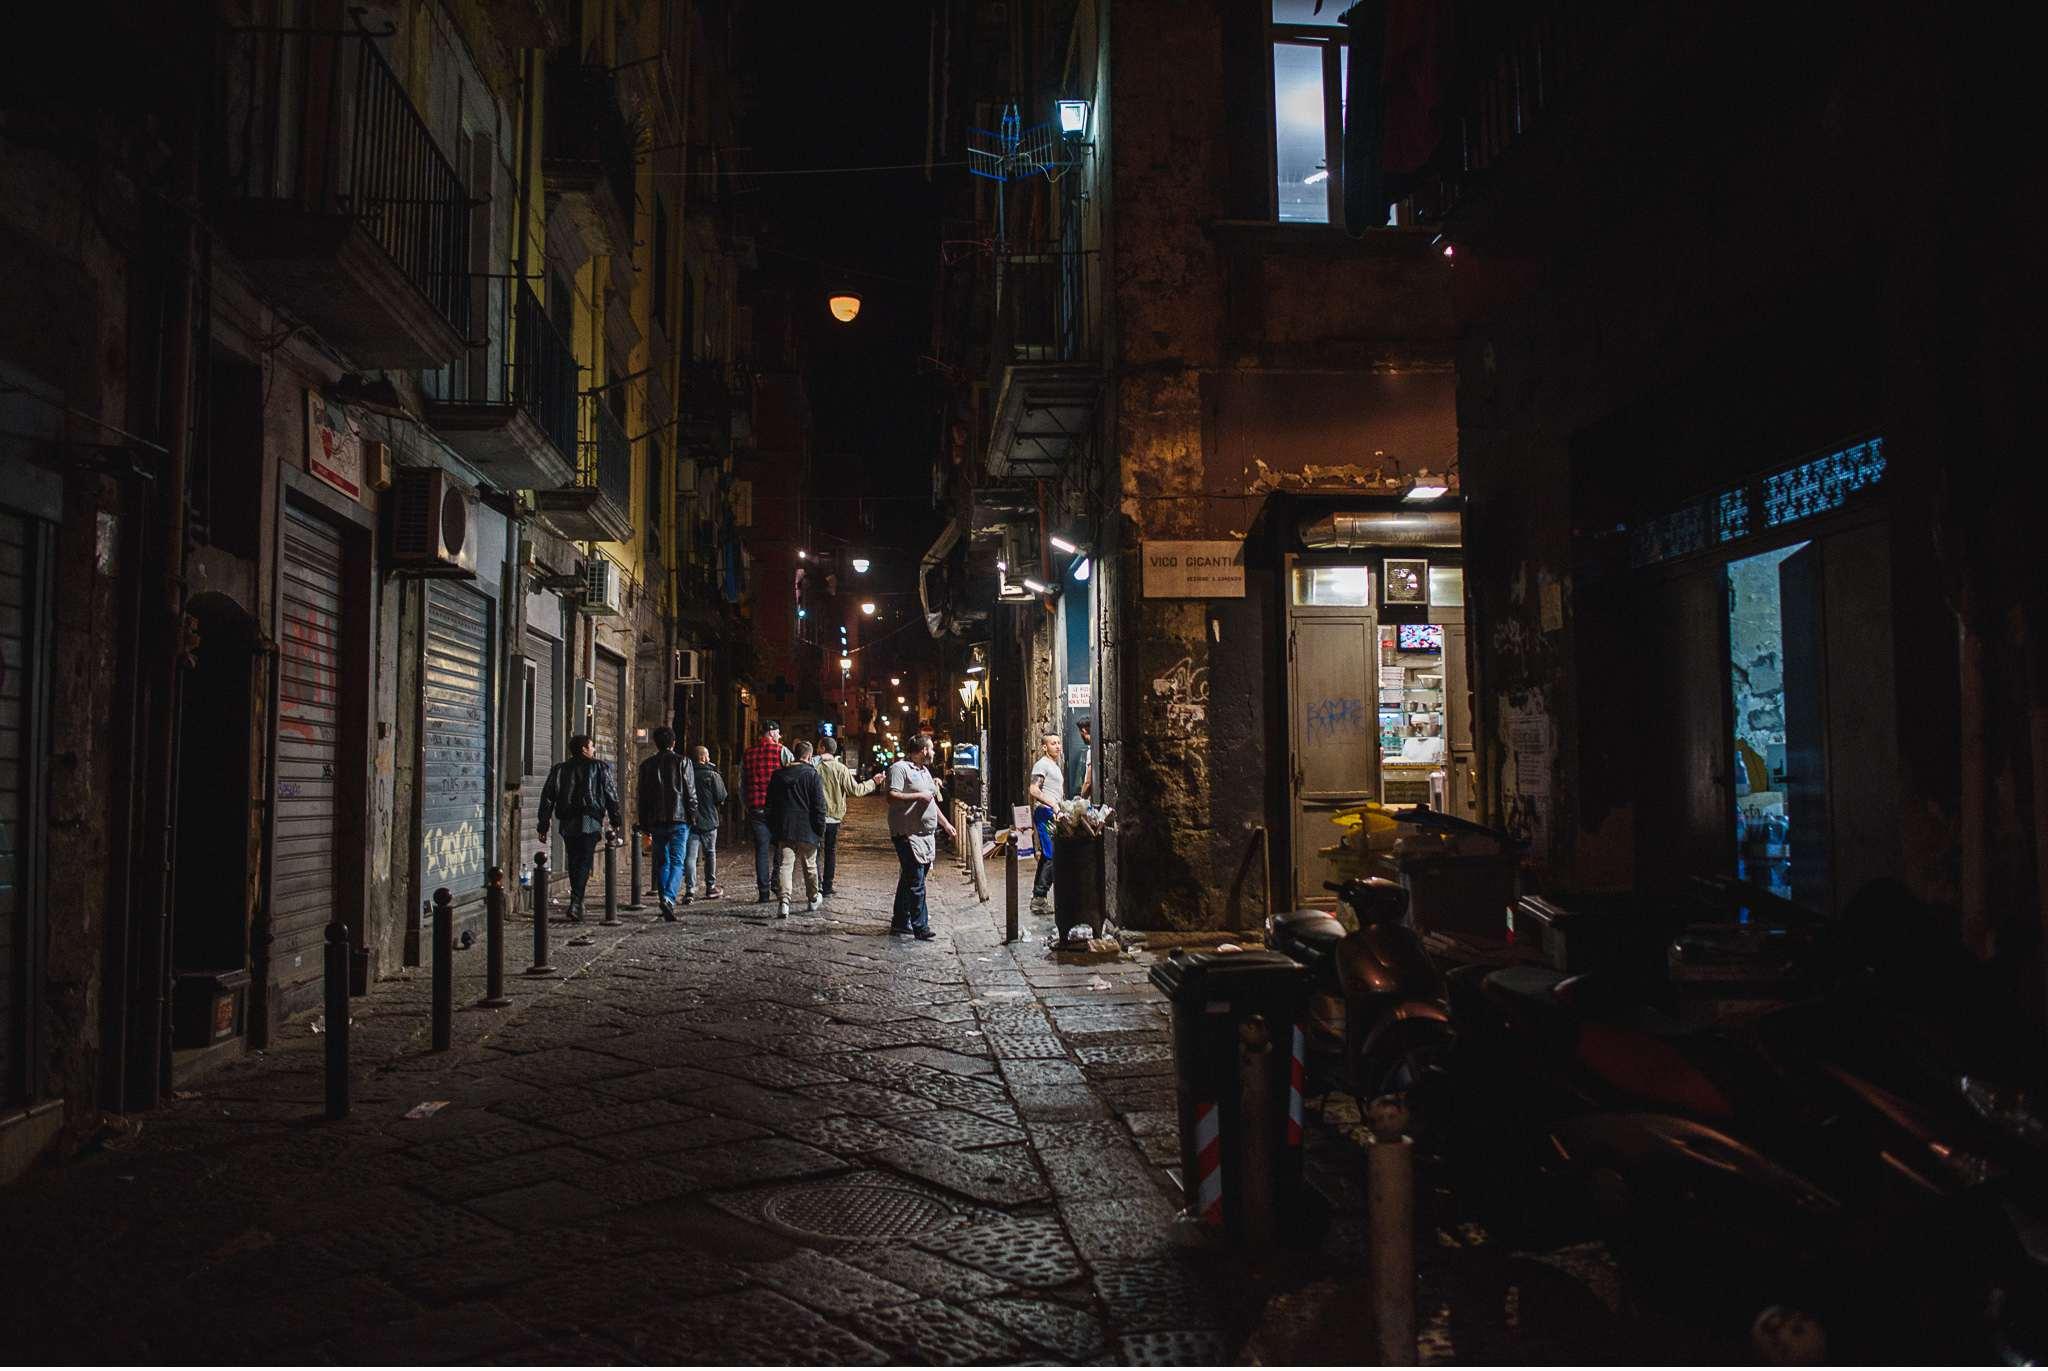 Interrail Reise - Italien Neapel - Geschichten von unterwegs - Foto Daniel Kempf-Seifried-19